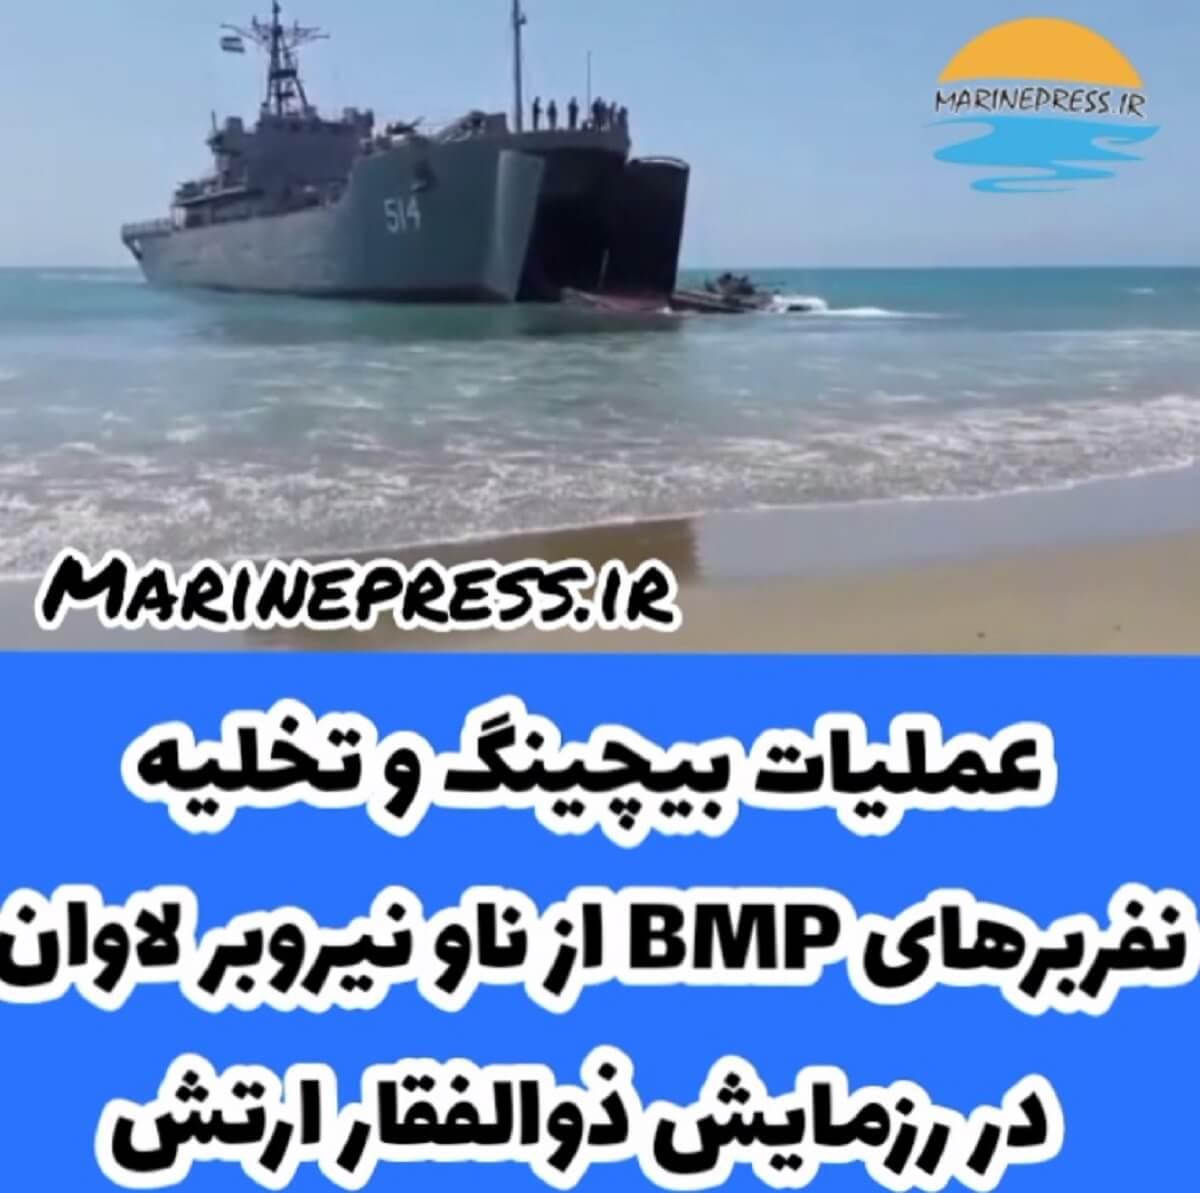 عملیات بیچینگ و تخلیه نفربرهای BMP از ناو نیروبر لاوان